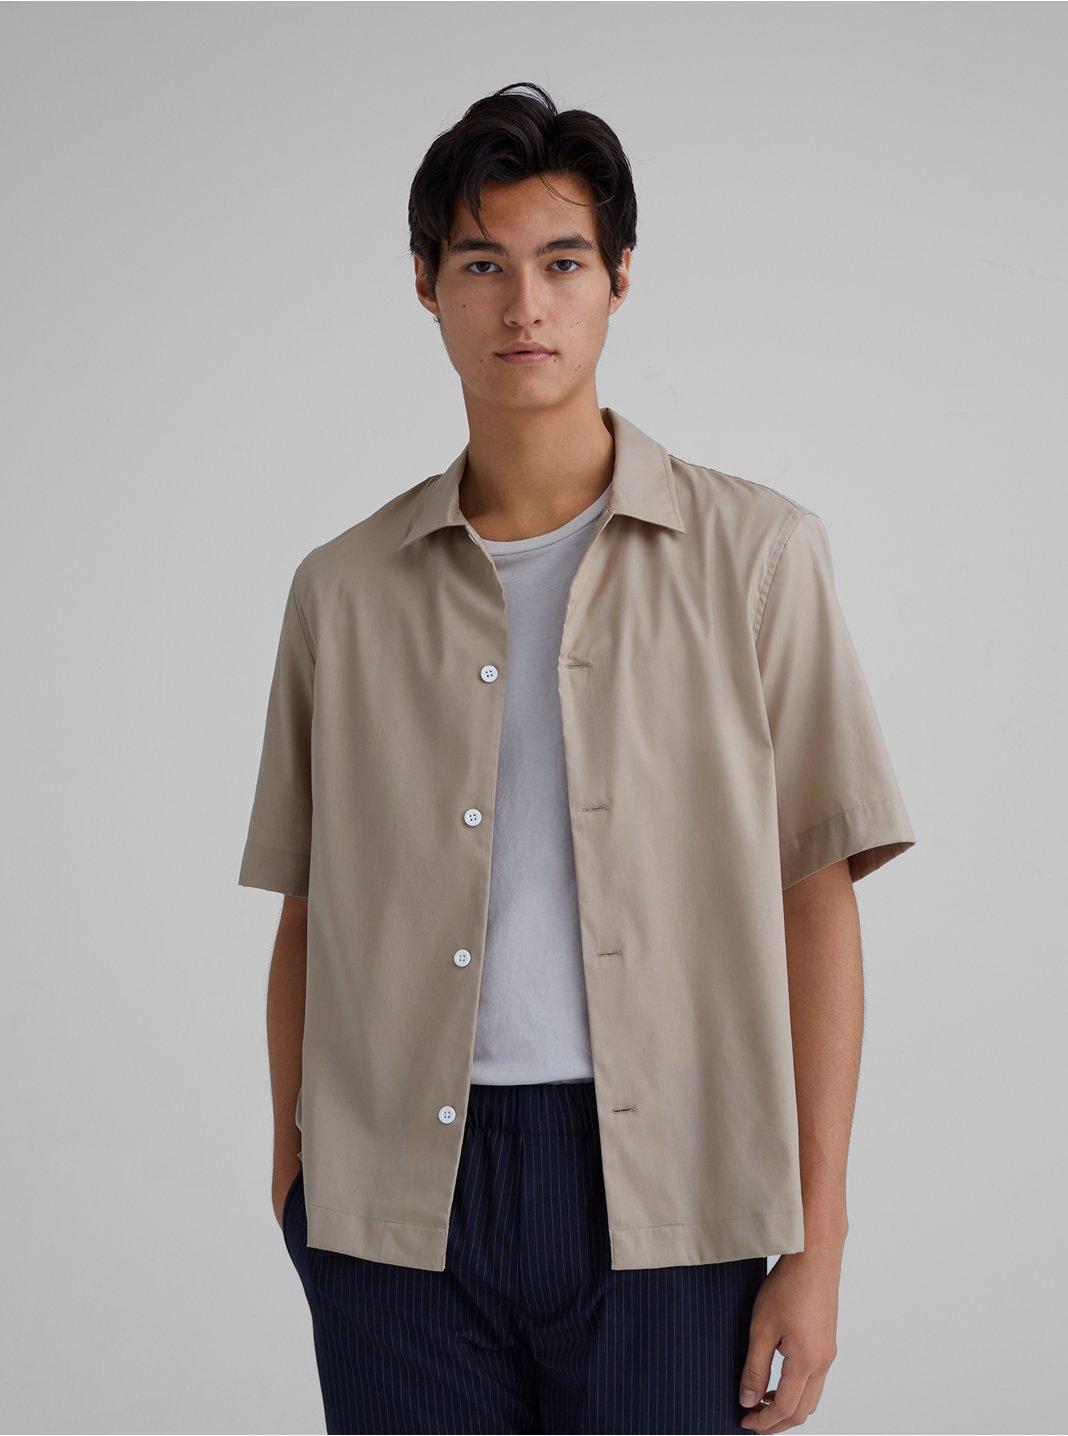 Convertible Collar Short Sleeve Shirt